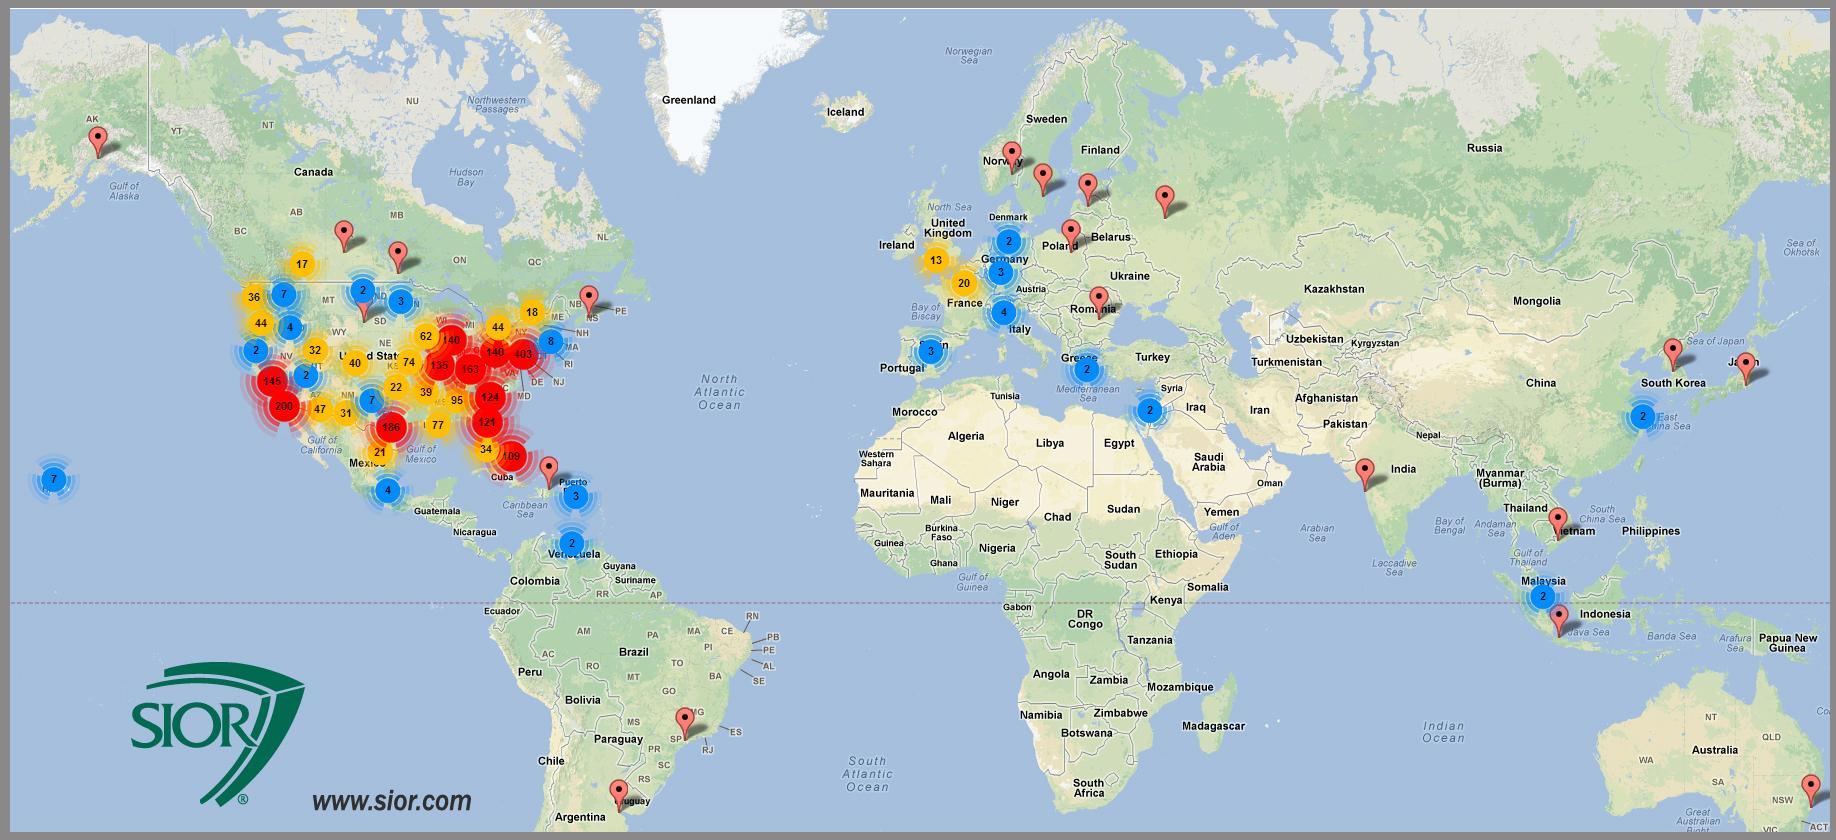 sior-global-map